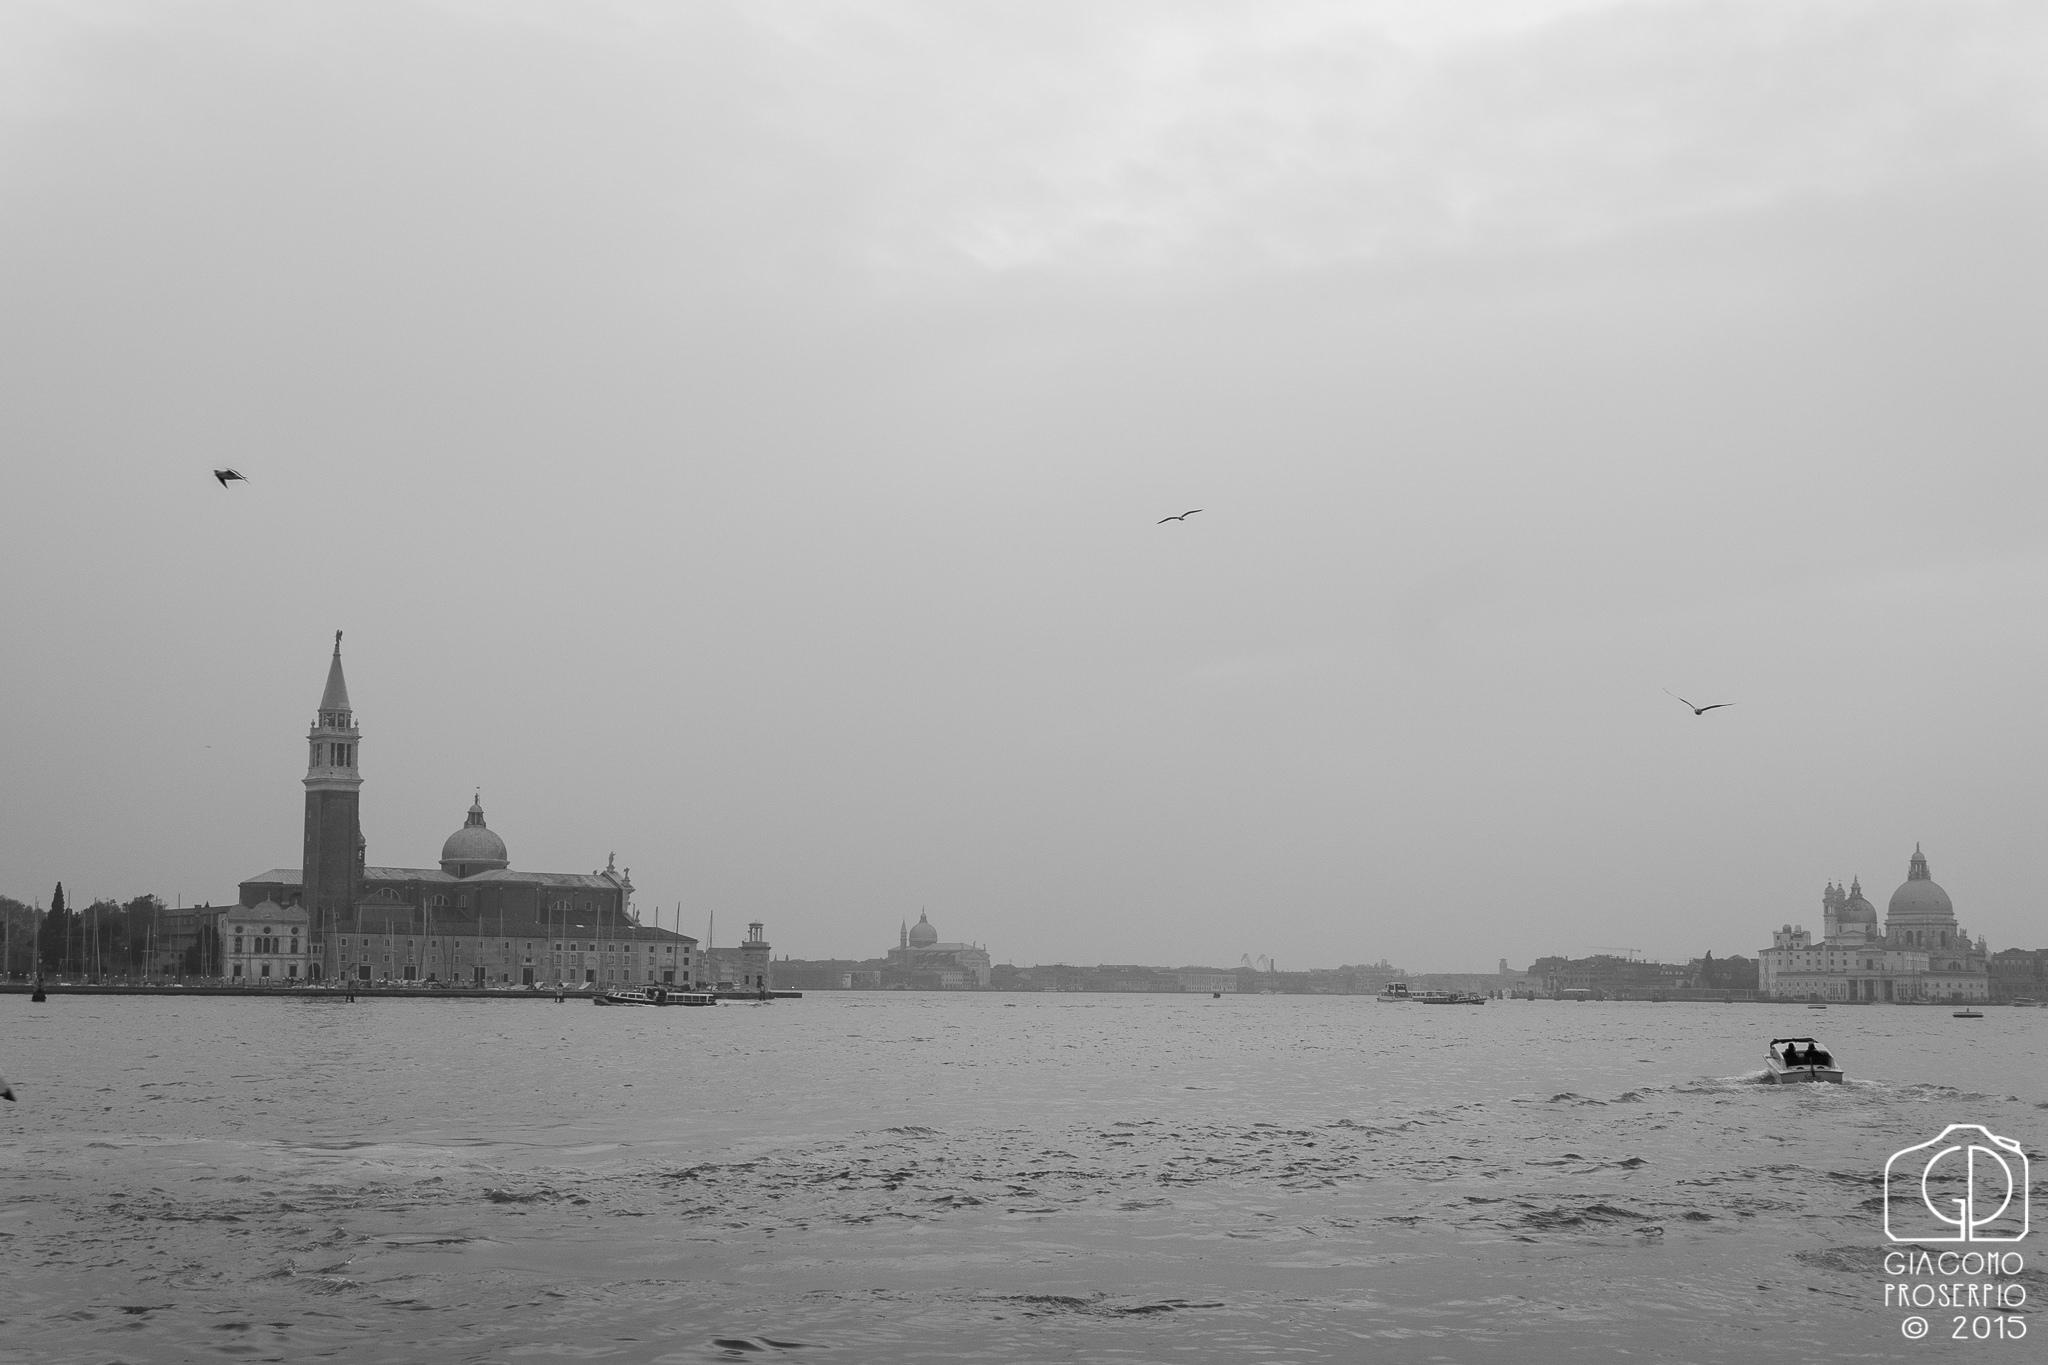 Venice's Laguna